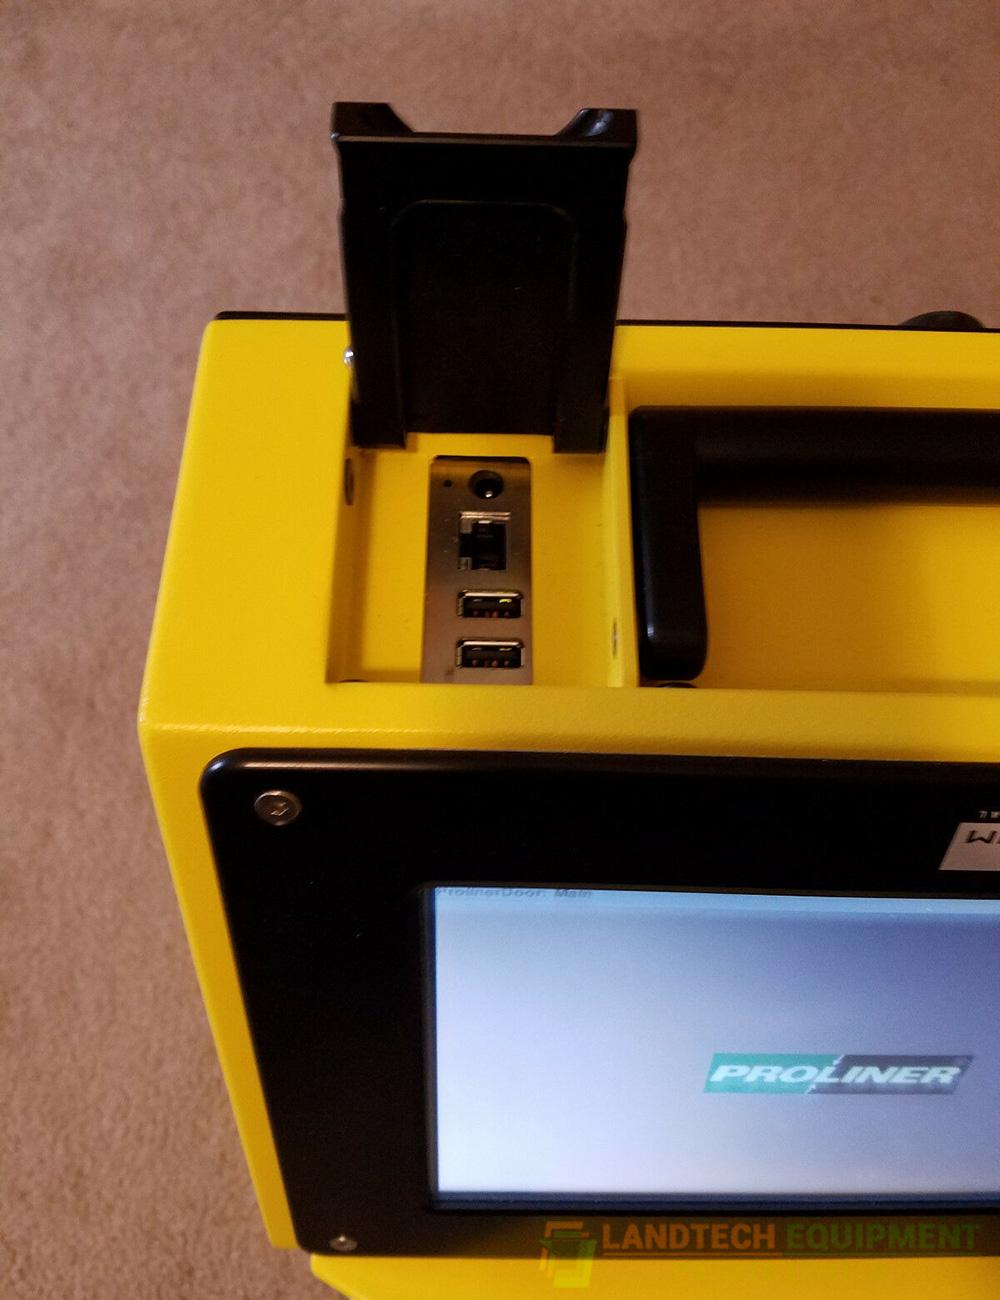 Prodim-Proliner-6-2D-3D-Price.jpg